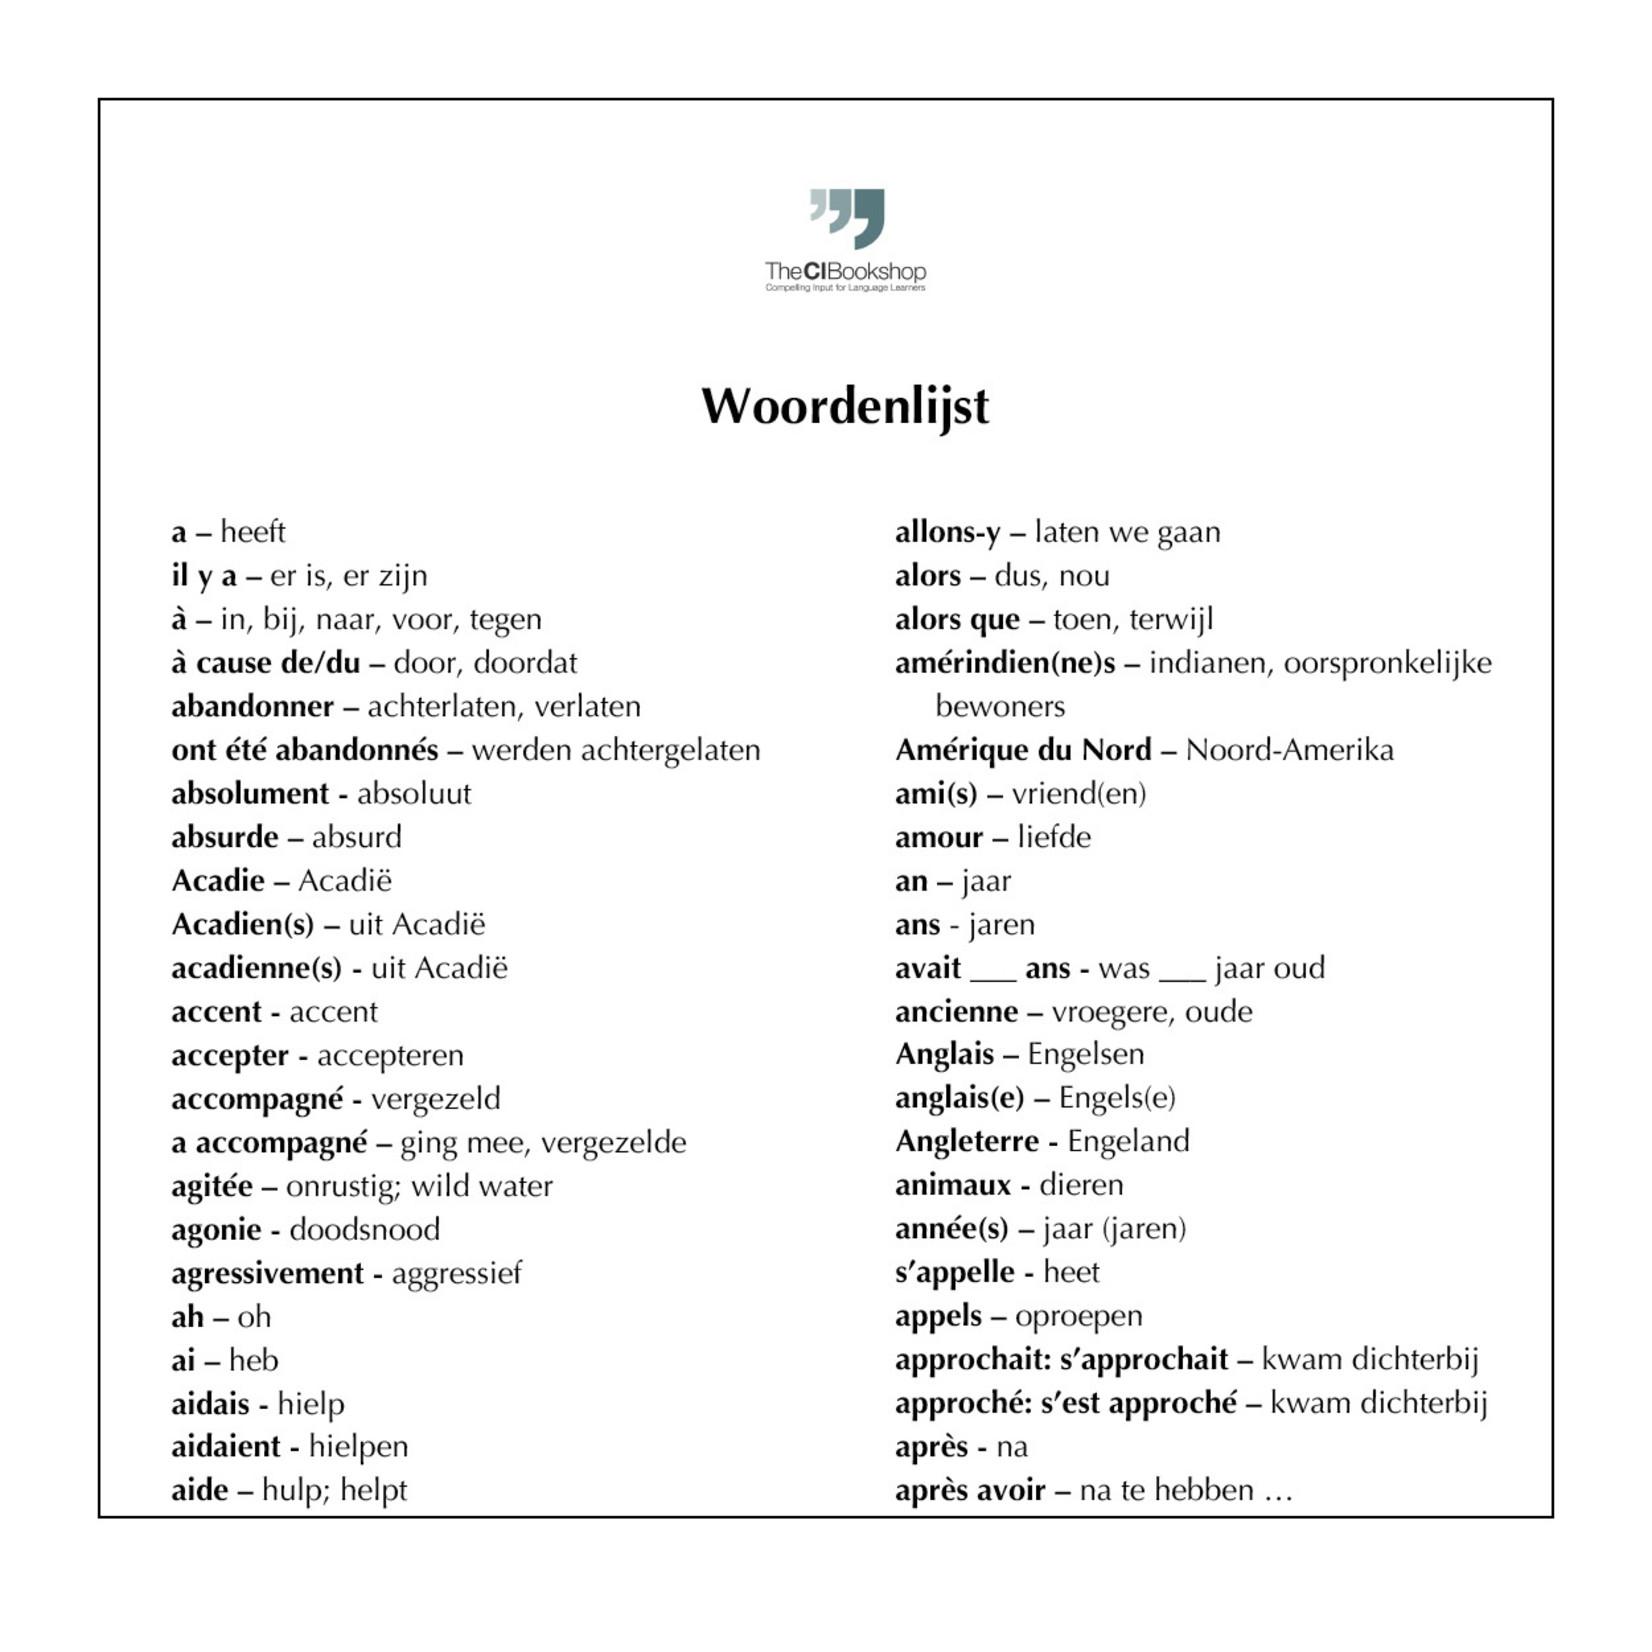 Dutch glossary for Nouvelle école, nouveaux amis